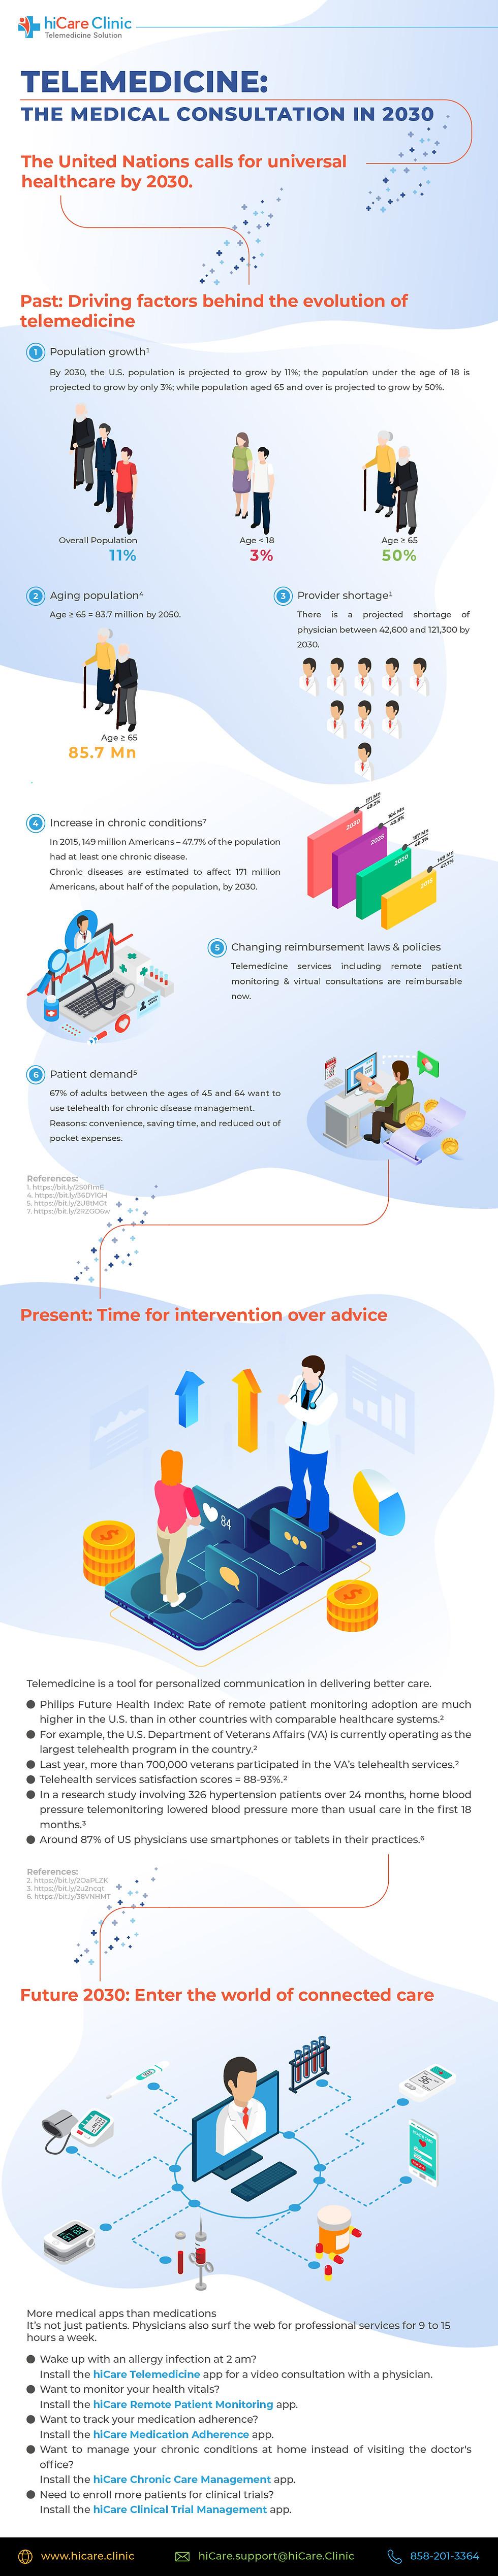 6. Telemedicine - the medical consultati